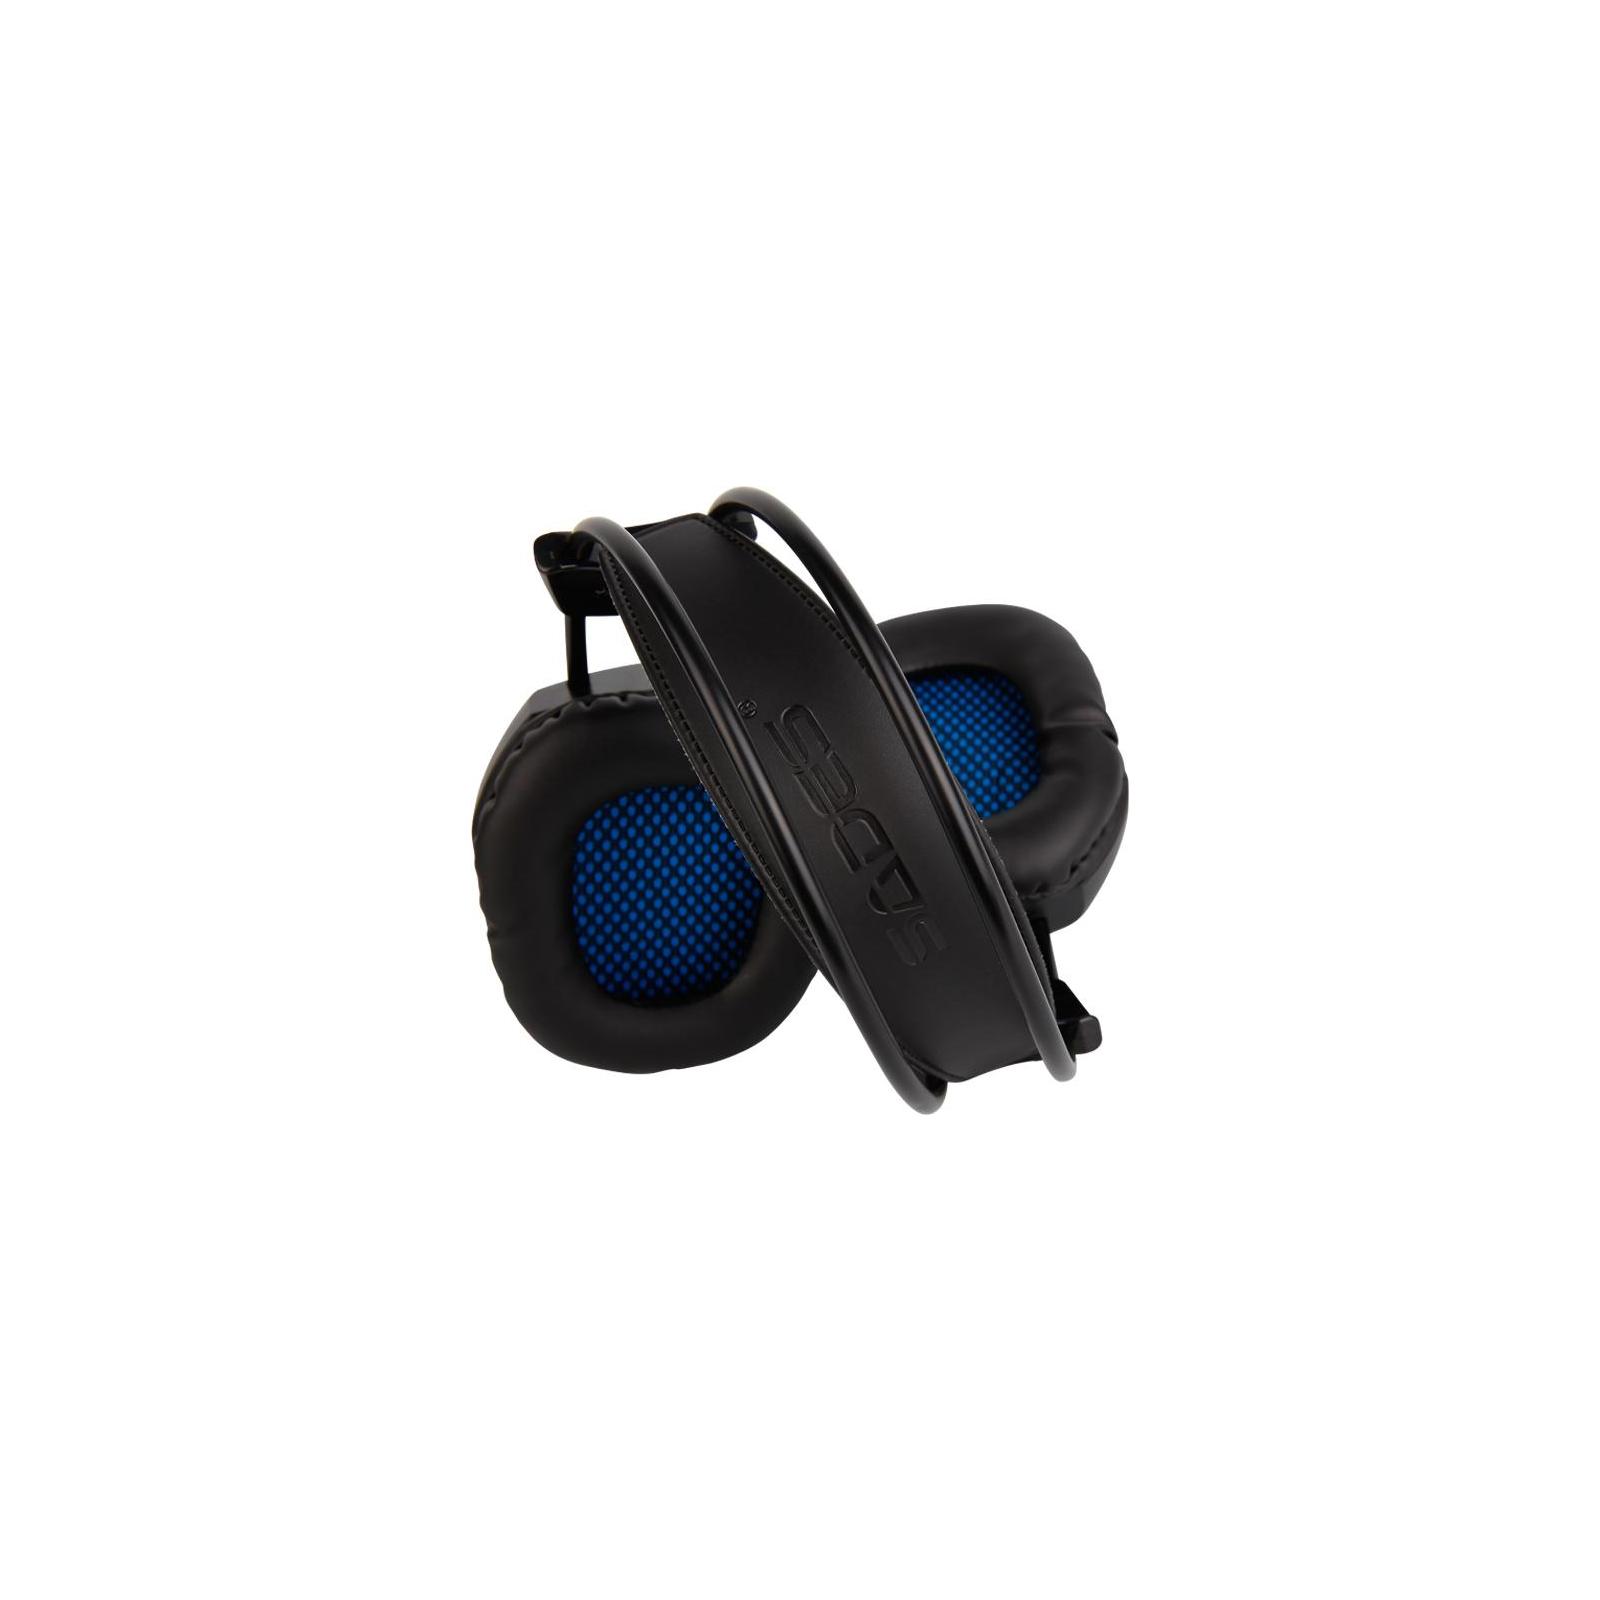 Наушники SADES Xpower Black/Blue (SA706-B-BL) изображение 7